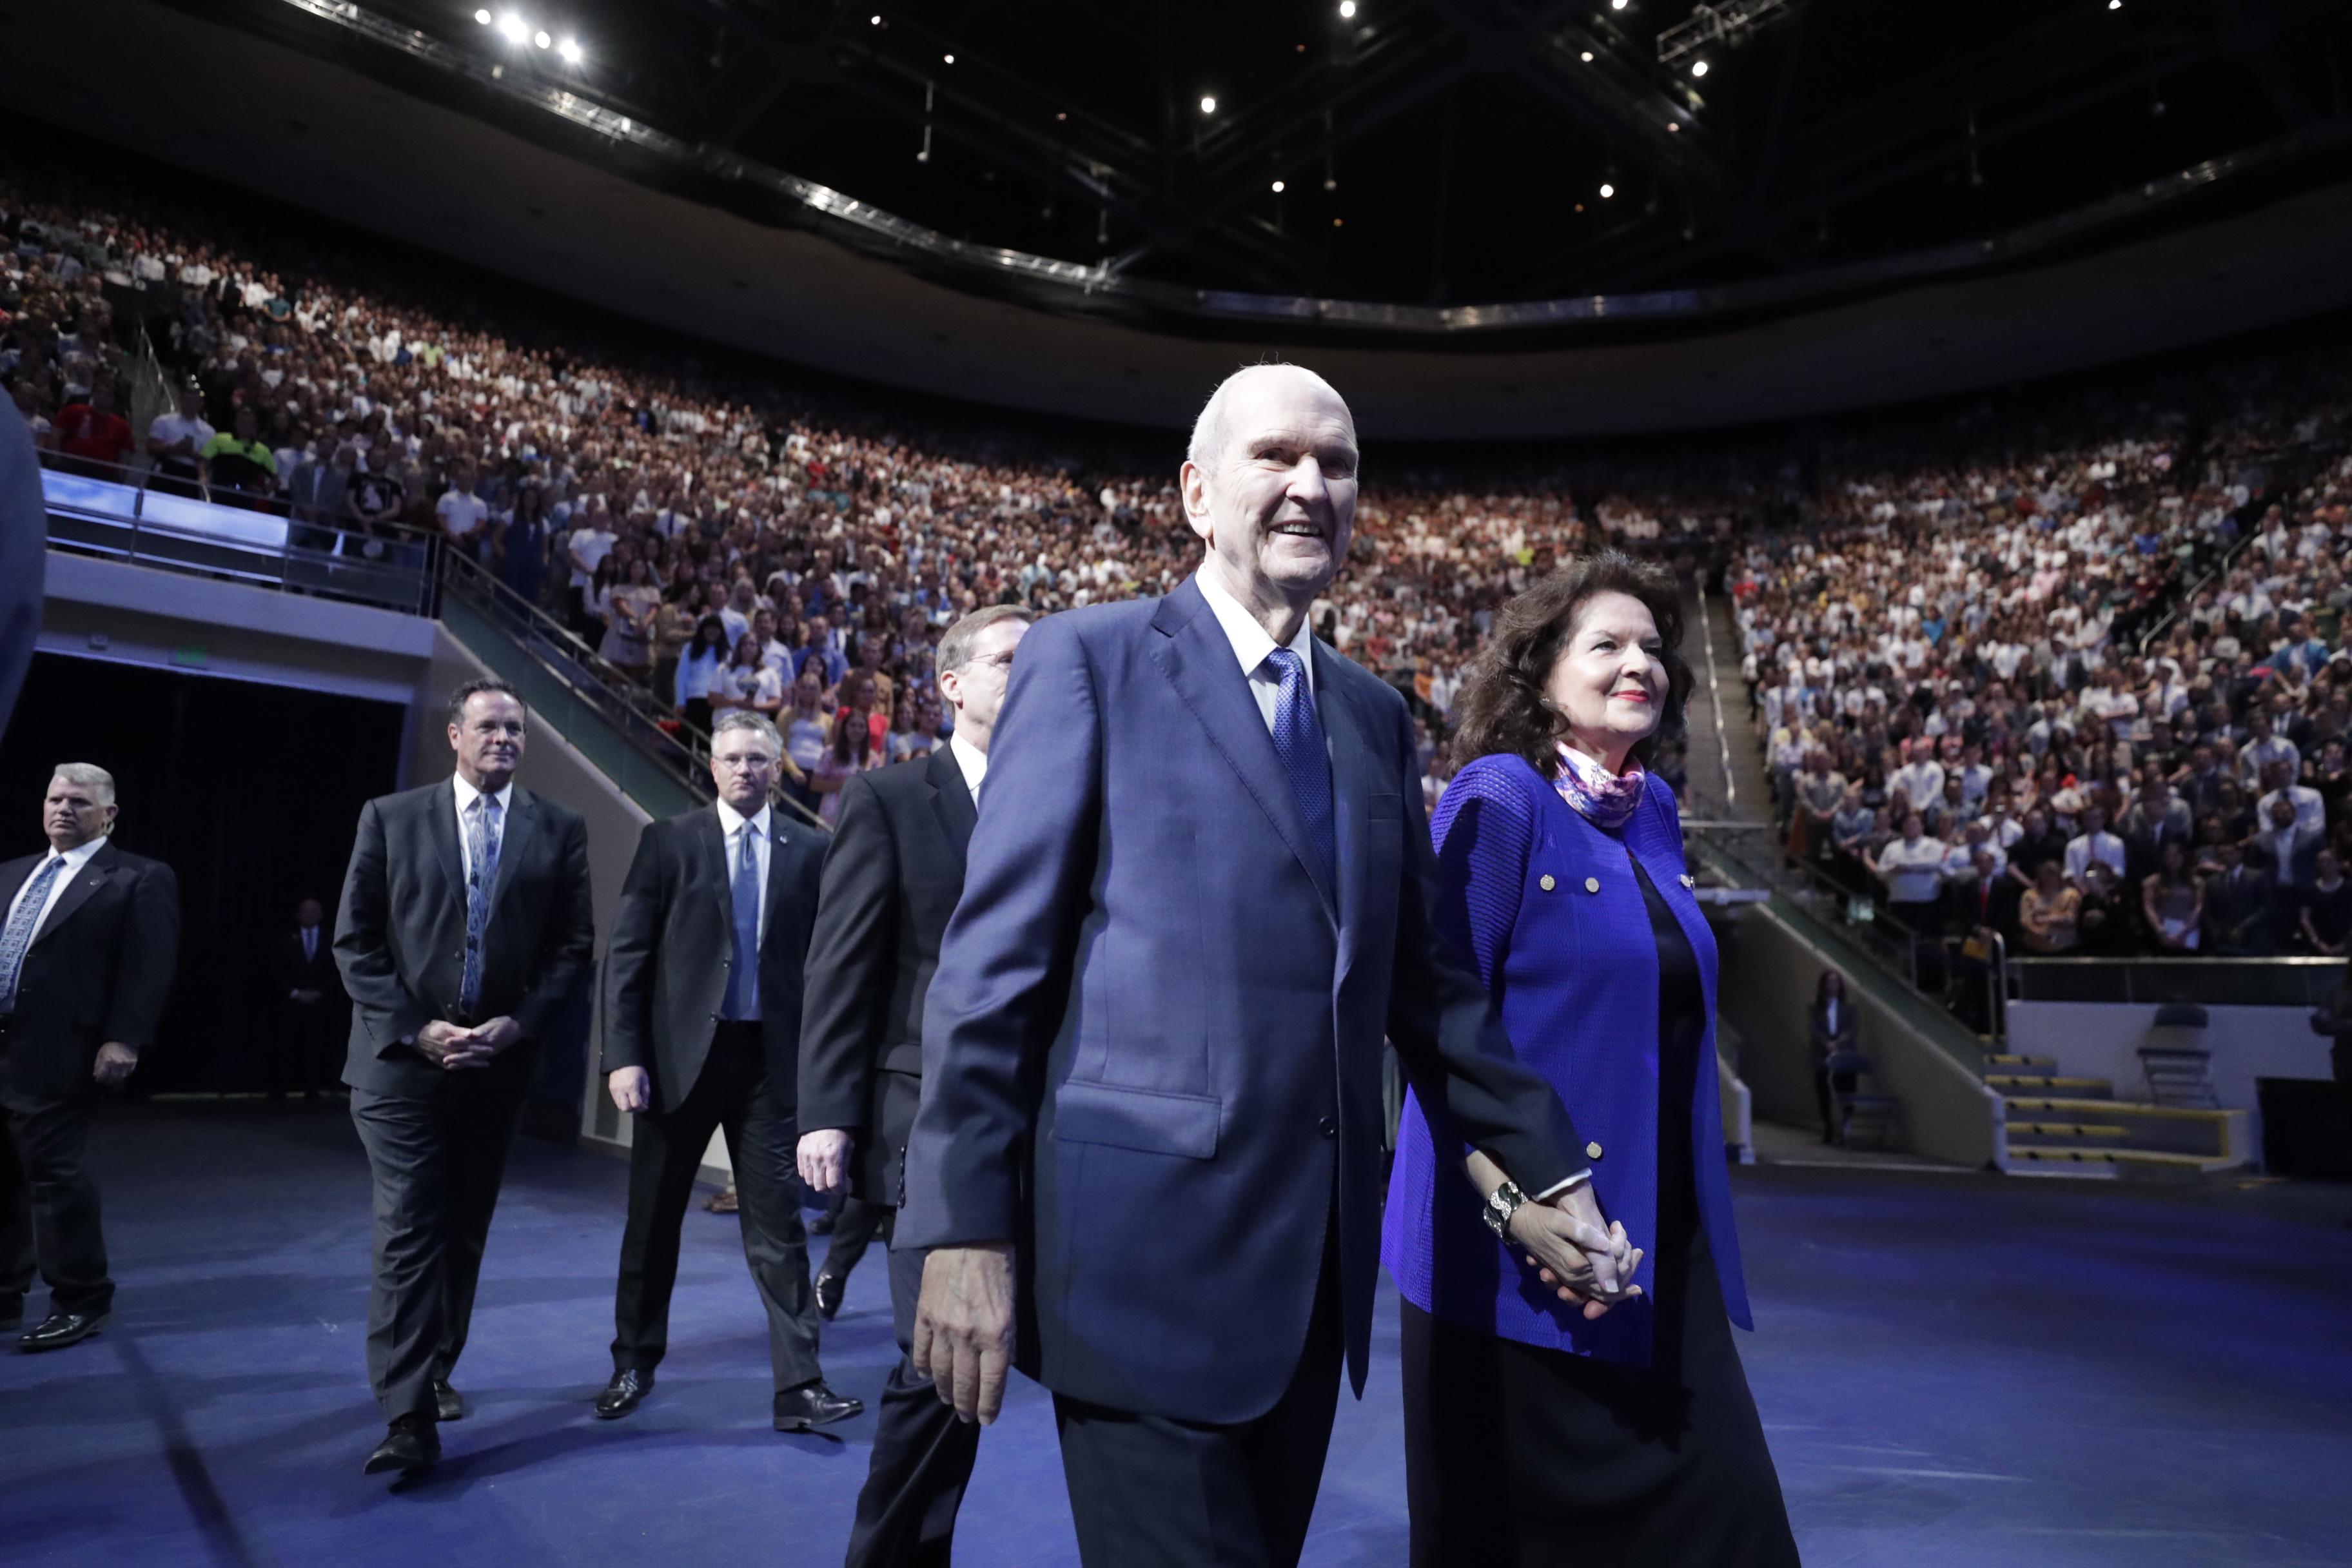 El presidente Russell M. Nelson y su esposa, la hermana Wendy Nelson, ingresan al Marriott Center antes de hablar en un devocional del campus de BYU, el martes, 17 de septiembre de 2019.